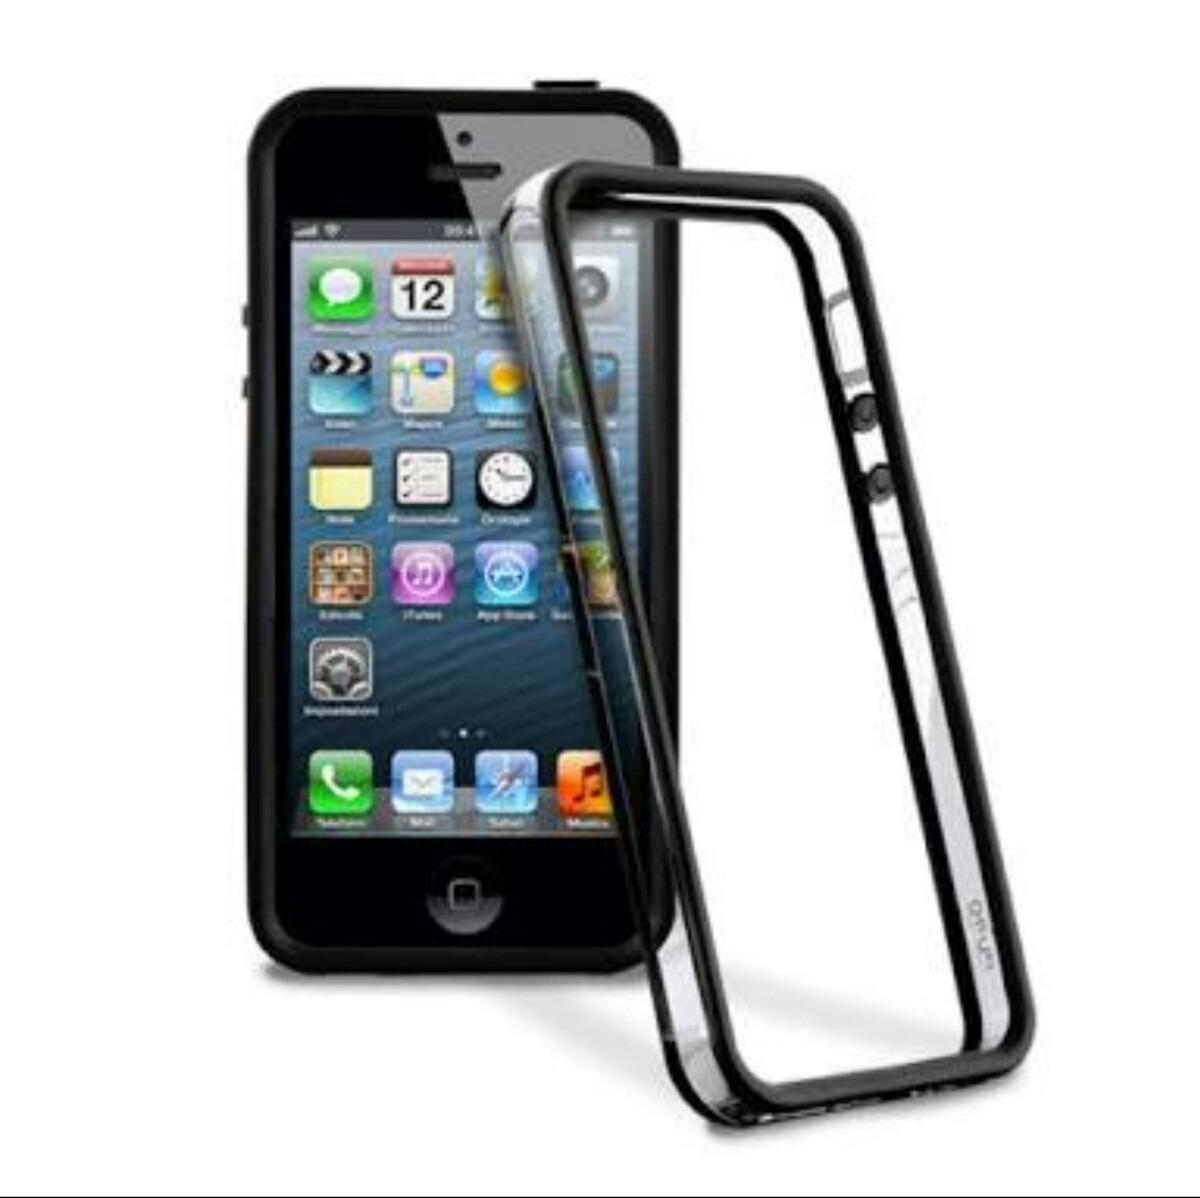 c90b845e629 Bumper Case Para iPhone 5/5s/5c/se + 2 Películas De Vidro - R$ 15,00 em  Mercado Livre